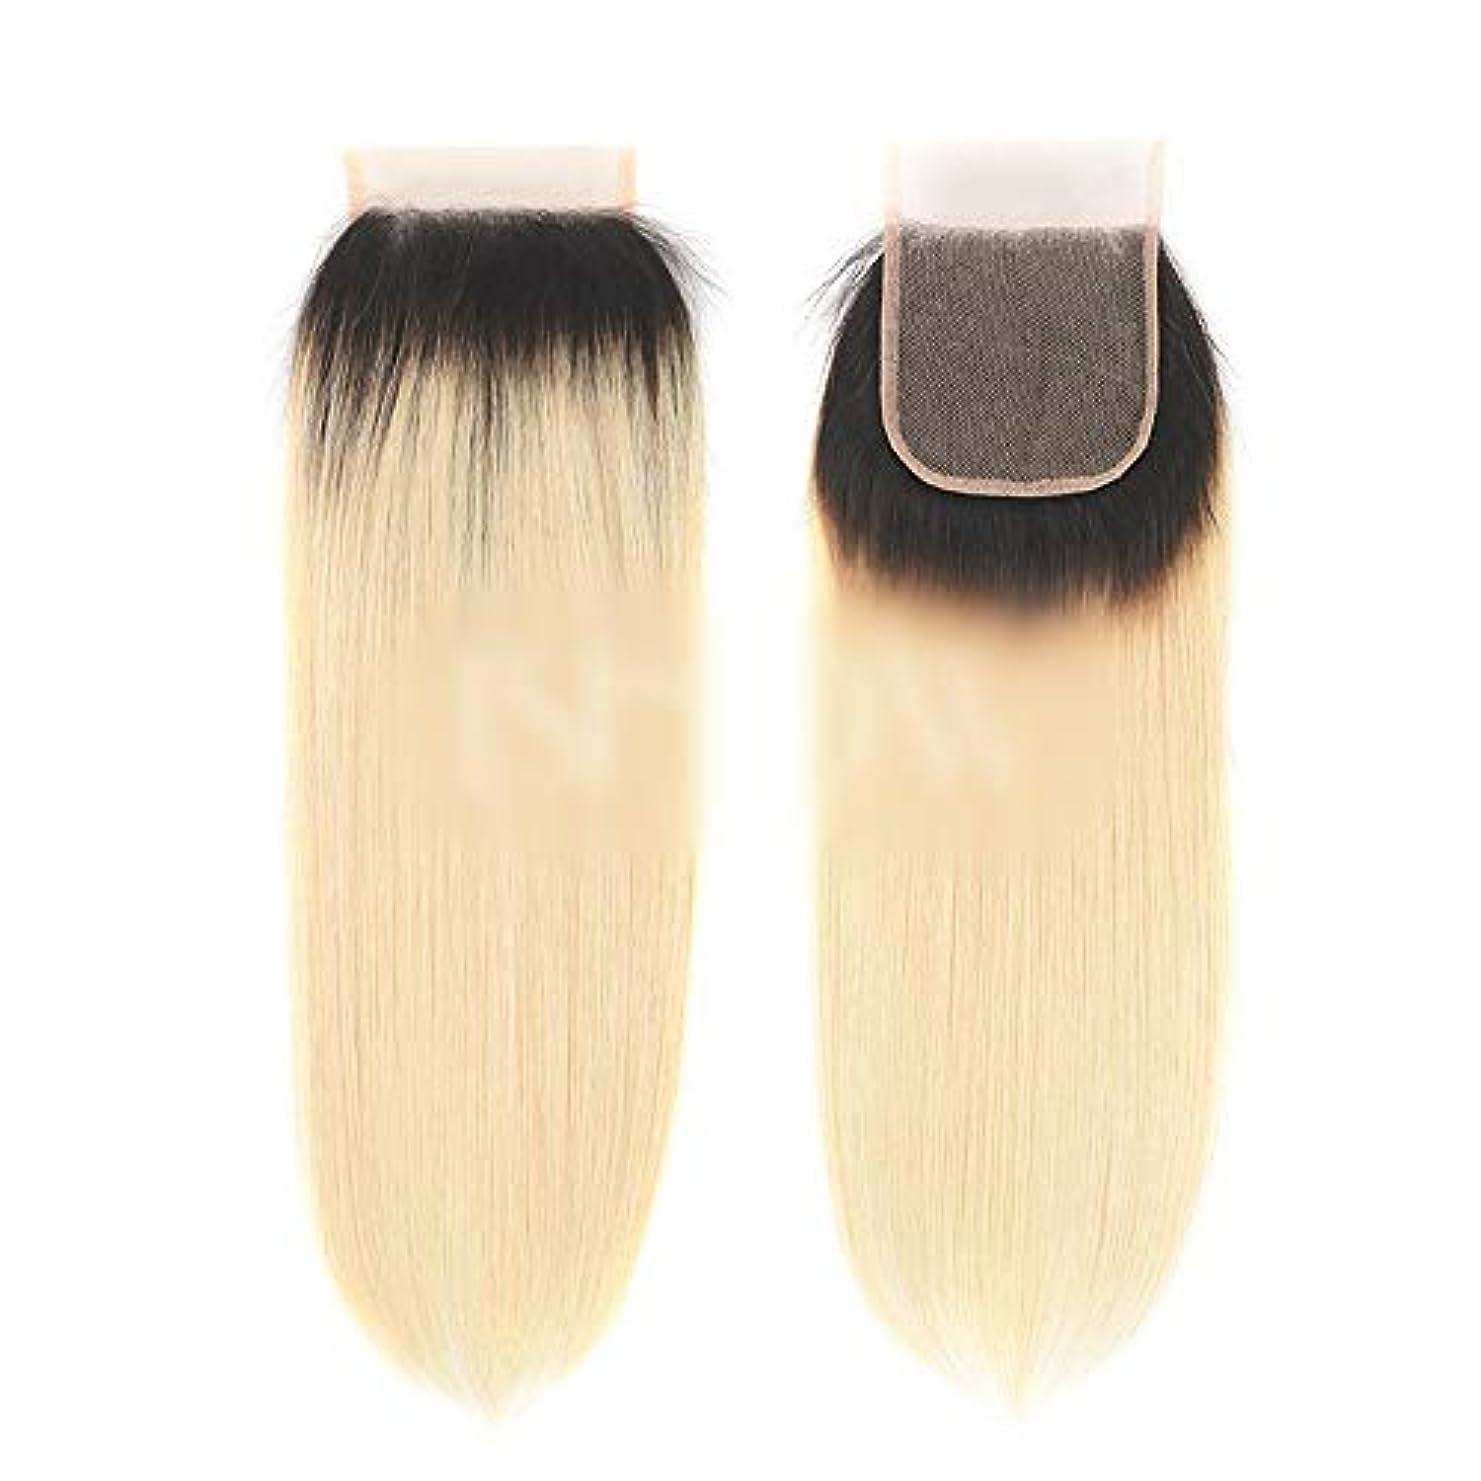 高潔な抹消文句を言うWASAIO ブラジル人毛サテン織りで閉鎖ボディ曲がっていないブラック2トーン色のレースフロンタル4X4無料パート8を「-20」金髪にします (色 : Blonde, サイズ : 12 inch)